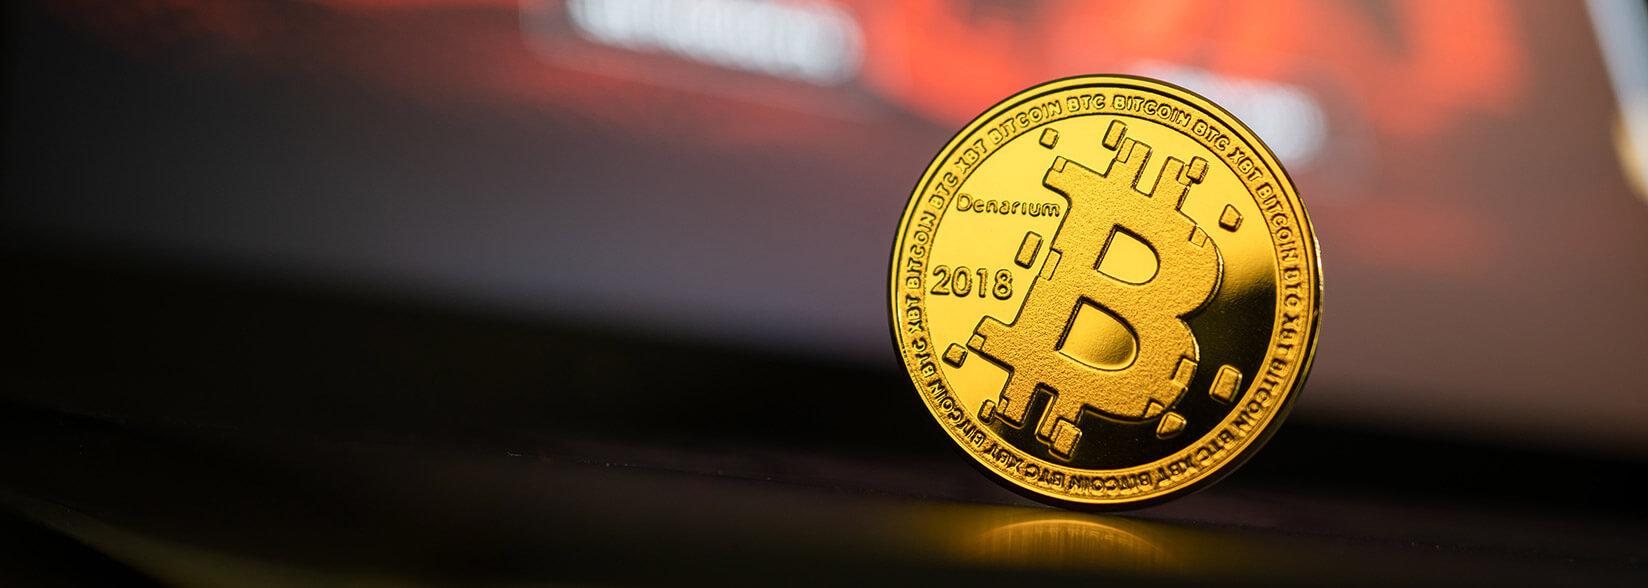 acquistare bitcoin con robinhood